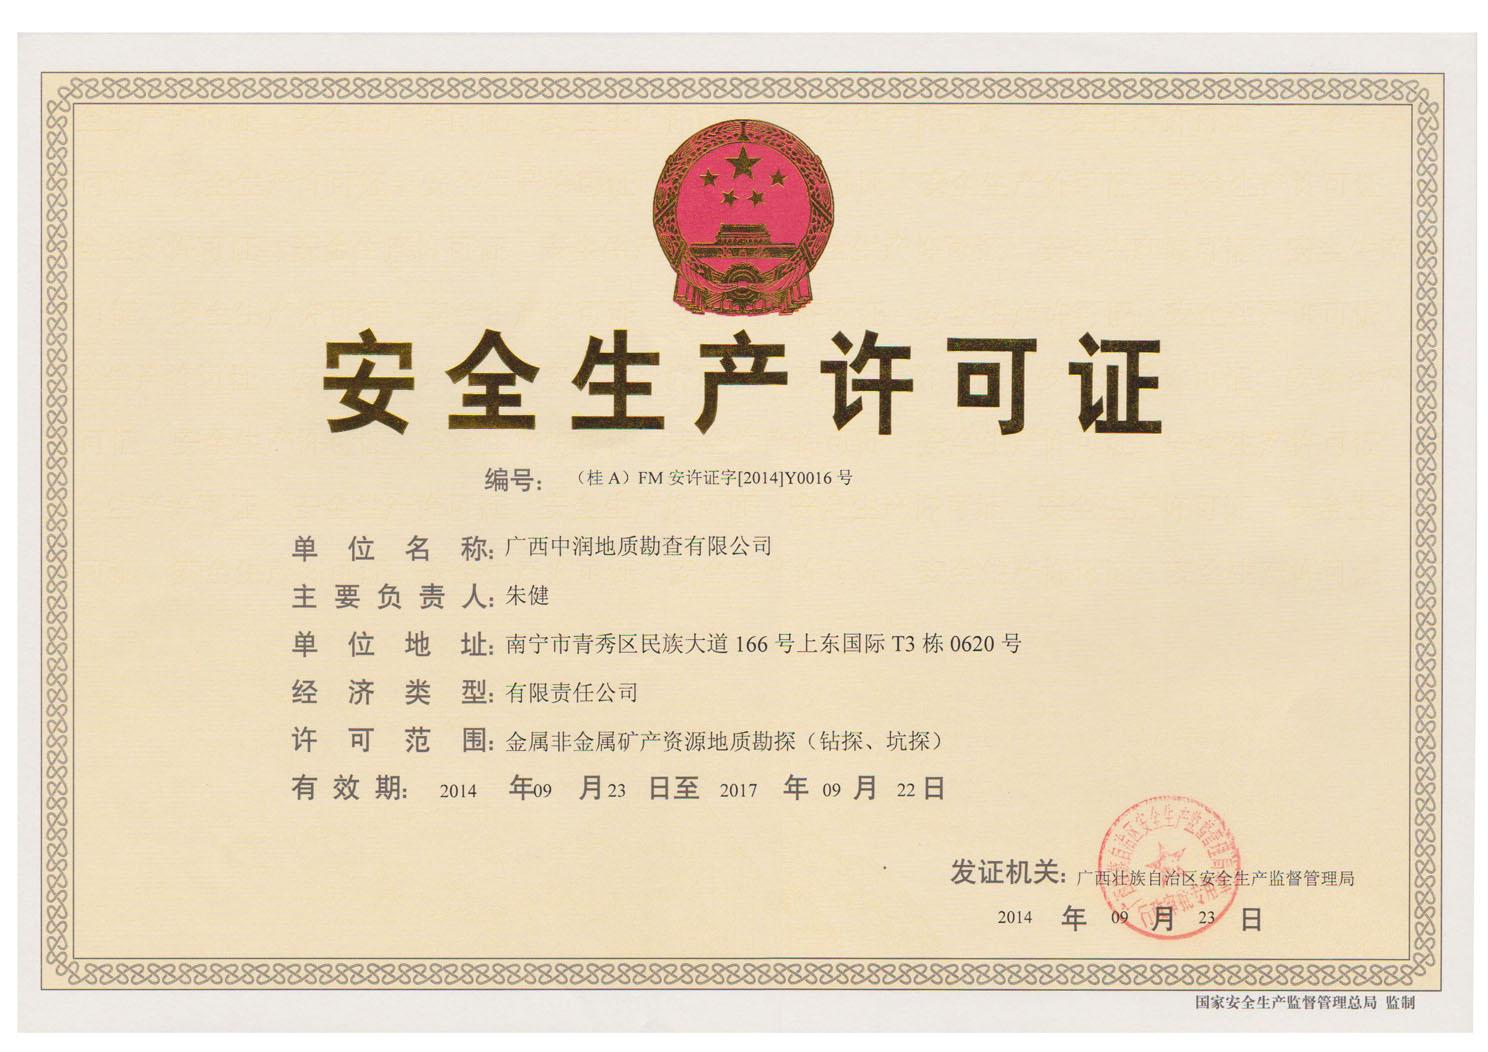 中润新安全生产许可证(正本)